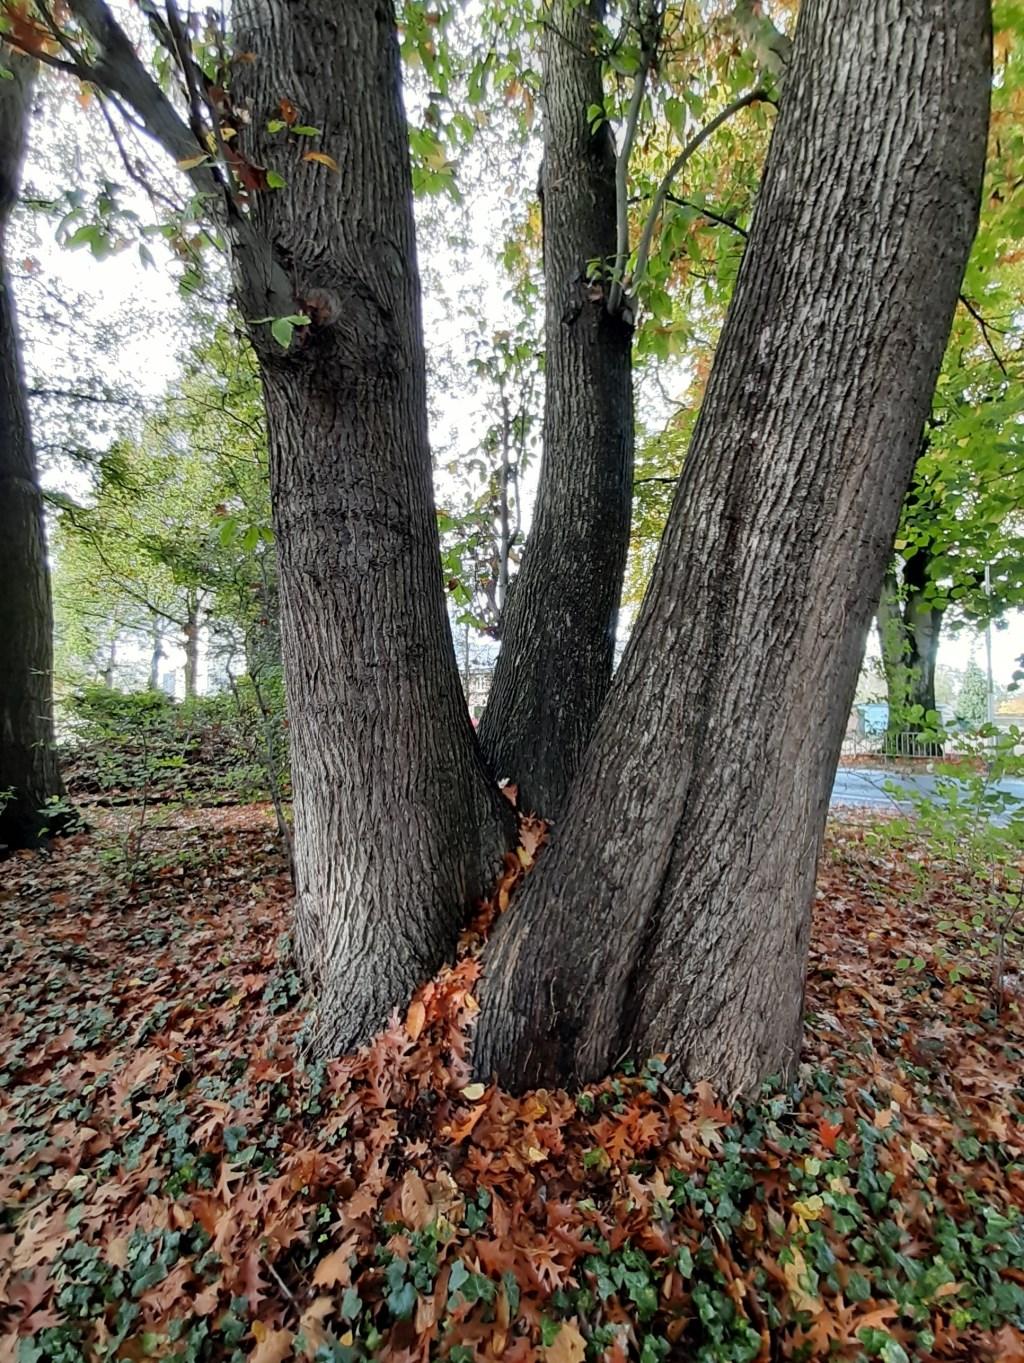 Deze driestammige tamme kastanje aan de Hummeloseweg in Zelhem met een hoogte van 27,5 meter en een totale omtrek van 7.27 meter (!) is eveneens toegevoegd aan de monumentale bomen in onze gemeente, evenals een zilverlinde in dezelfde tuin. Foto: Joost Bakker  © Achterhoek Nieuws b.v.